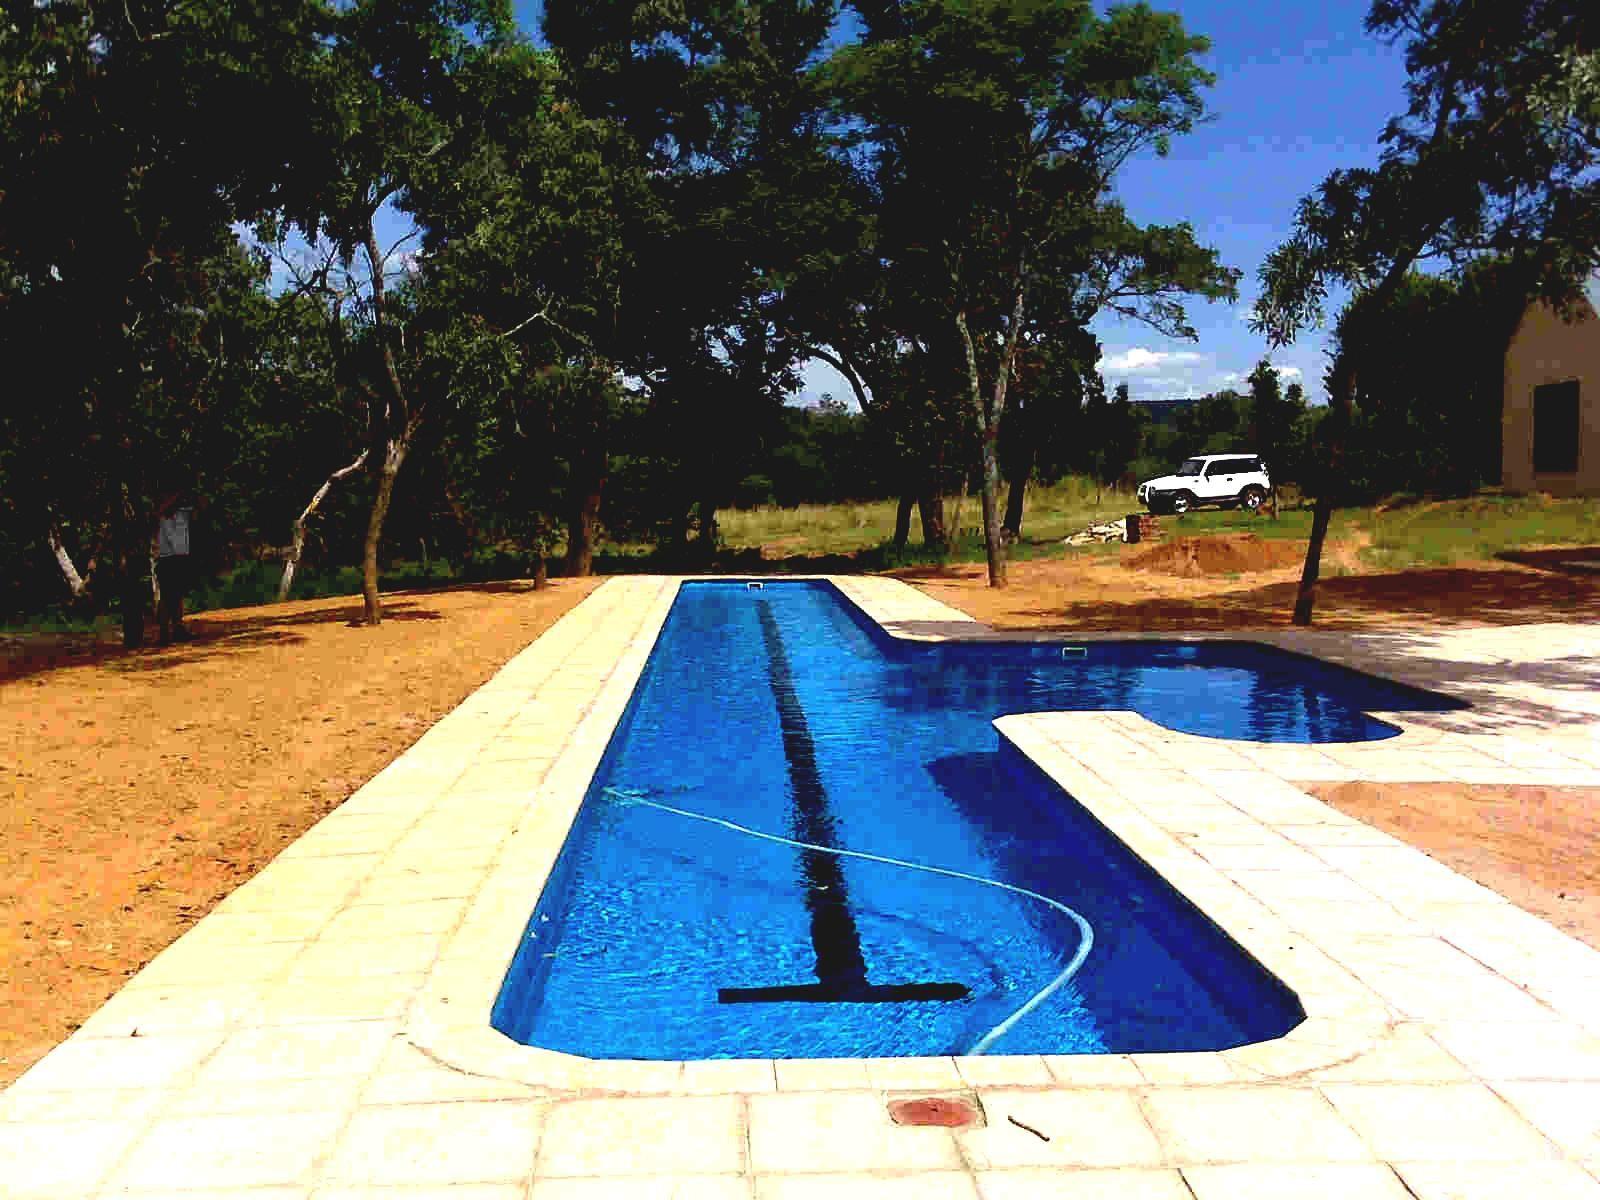 Inground Pool Design Ideen Die Uns Gartendeko Gartendeko Pool